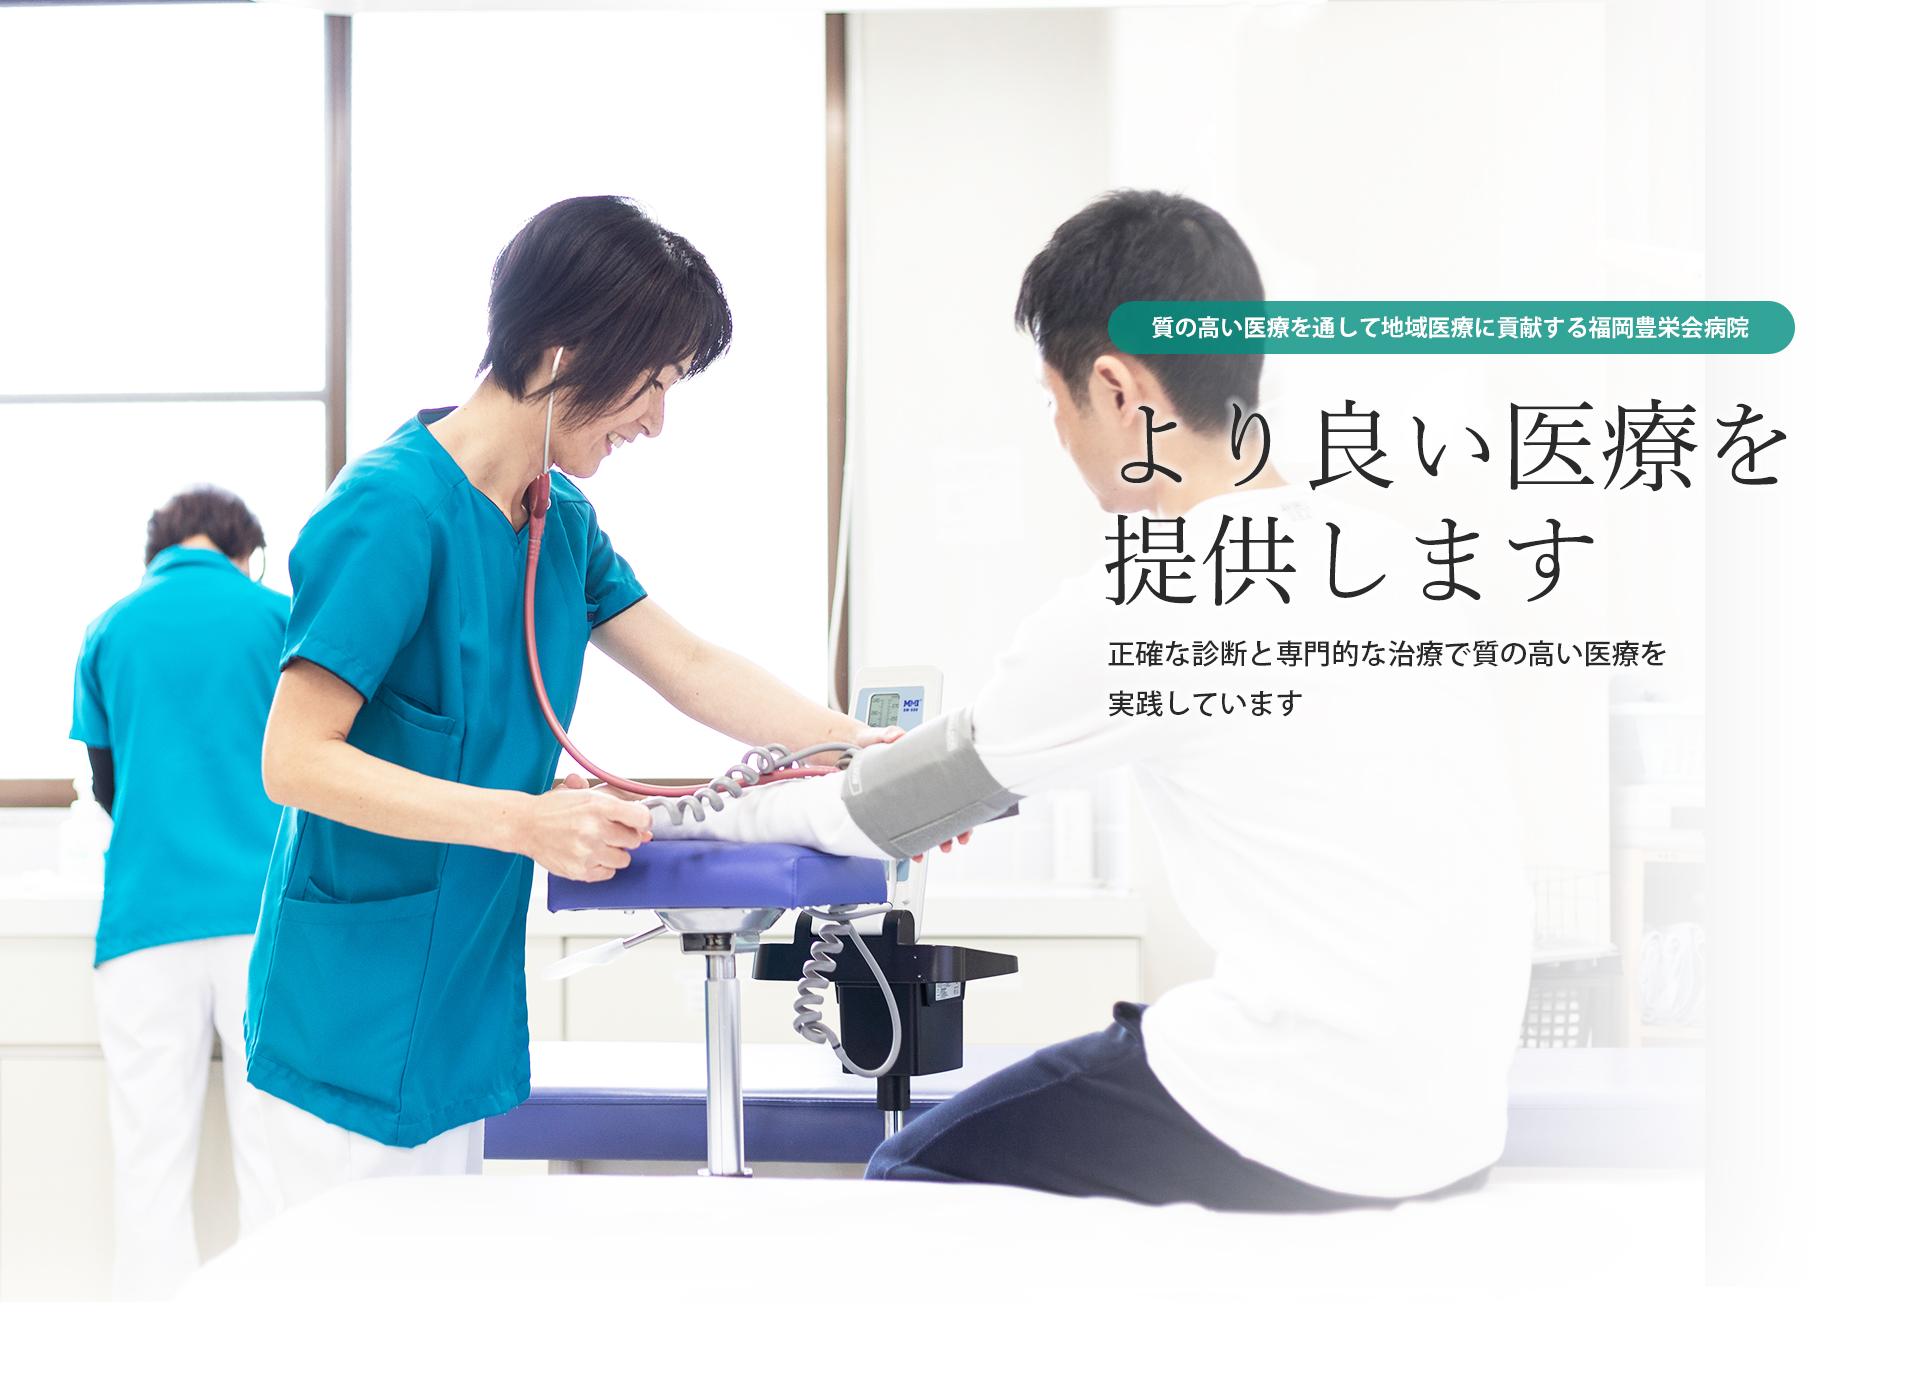 質の高い医療を通して地域医療に貢献する福岡豊栄会病院 よりよい医療を提供します 正確な診断と専門的な治療で質の高い医療を実践しています